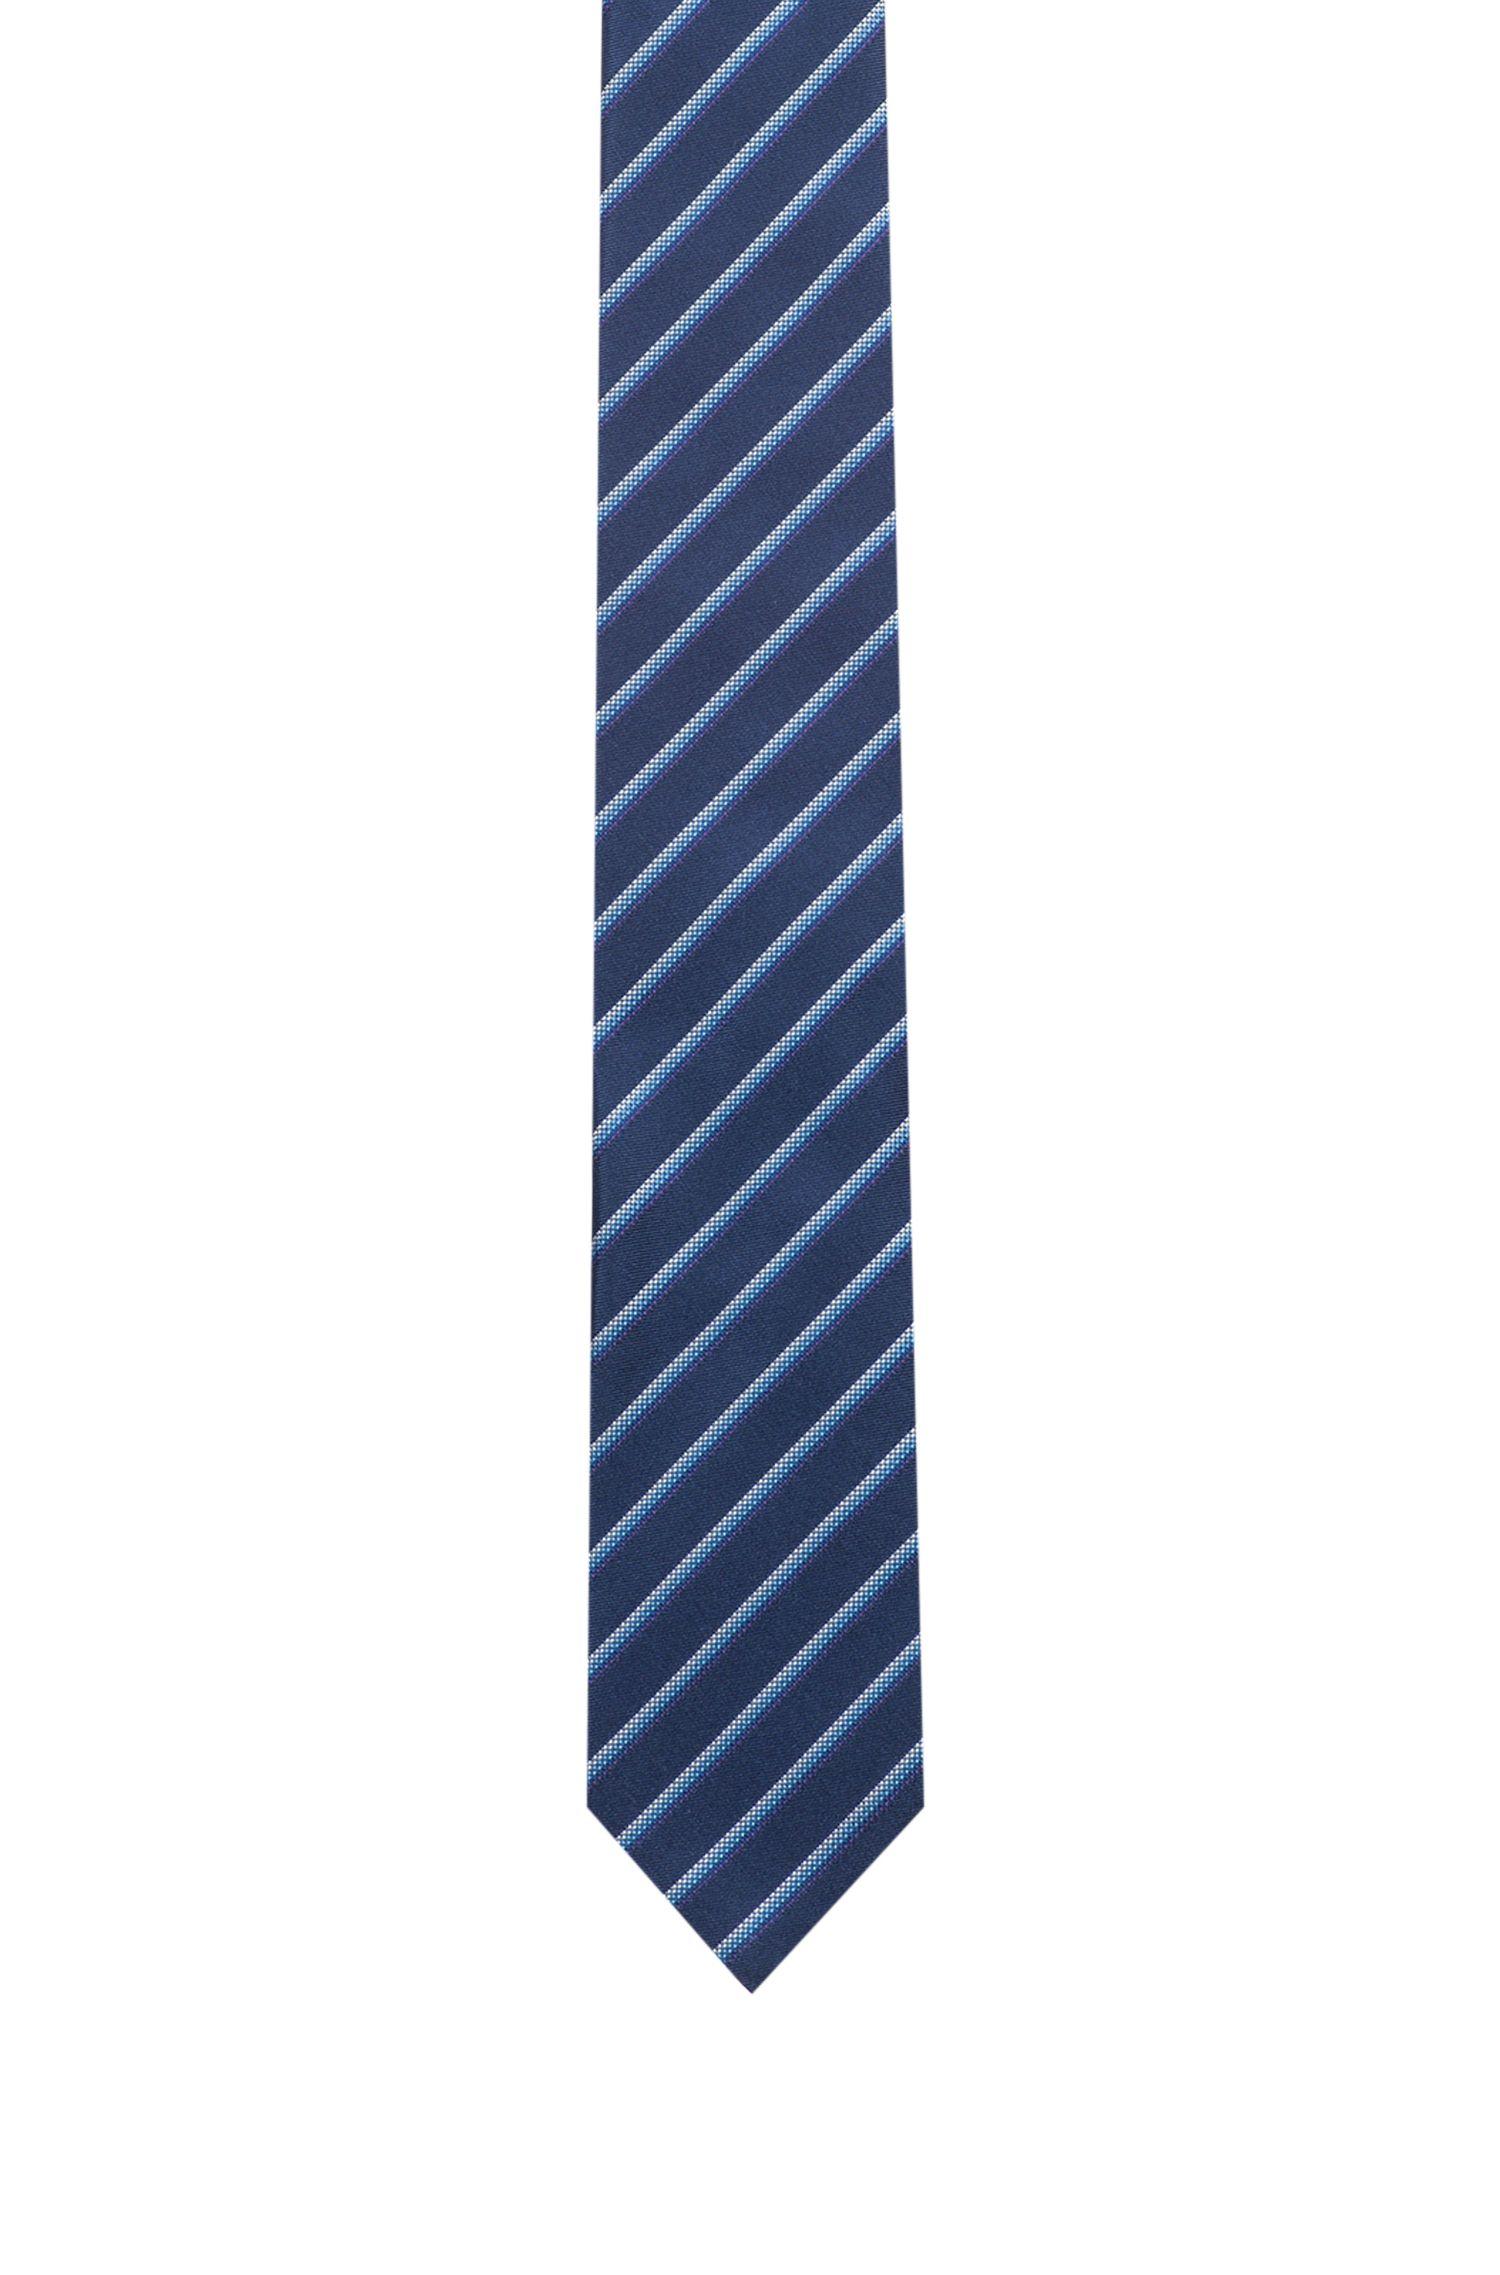 Cravate en soie à rayures diagonales